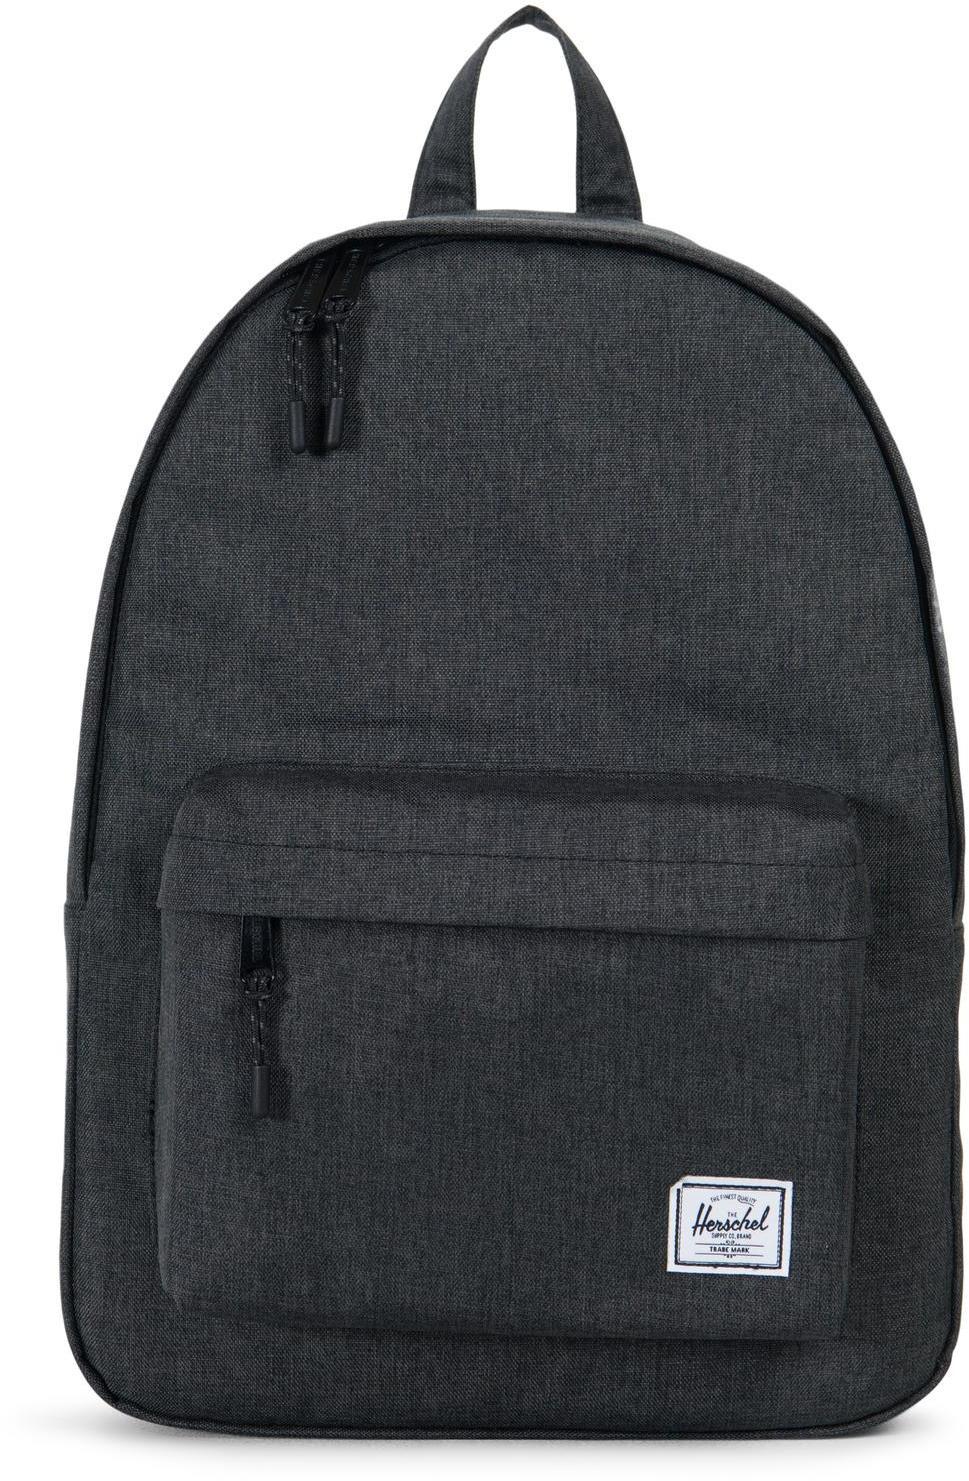 Herschel Classic Rygsæk, black crosshatch (2019)   Rygsæk og rejsetasker